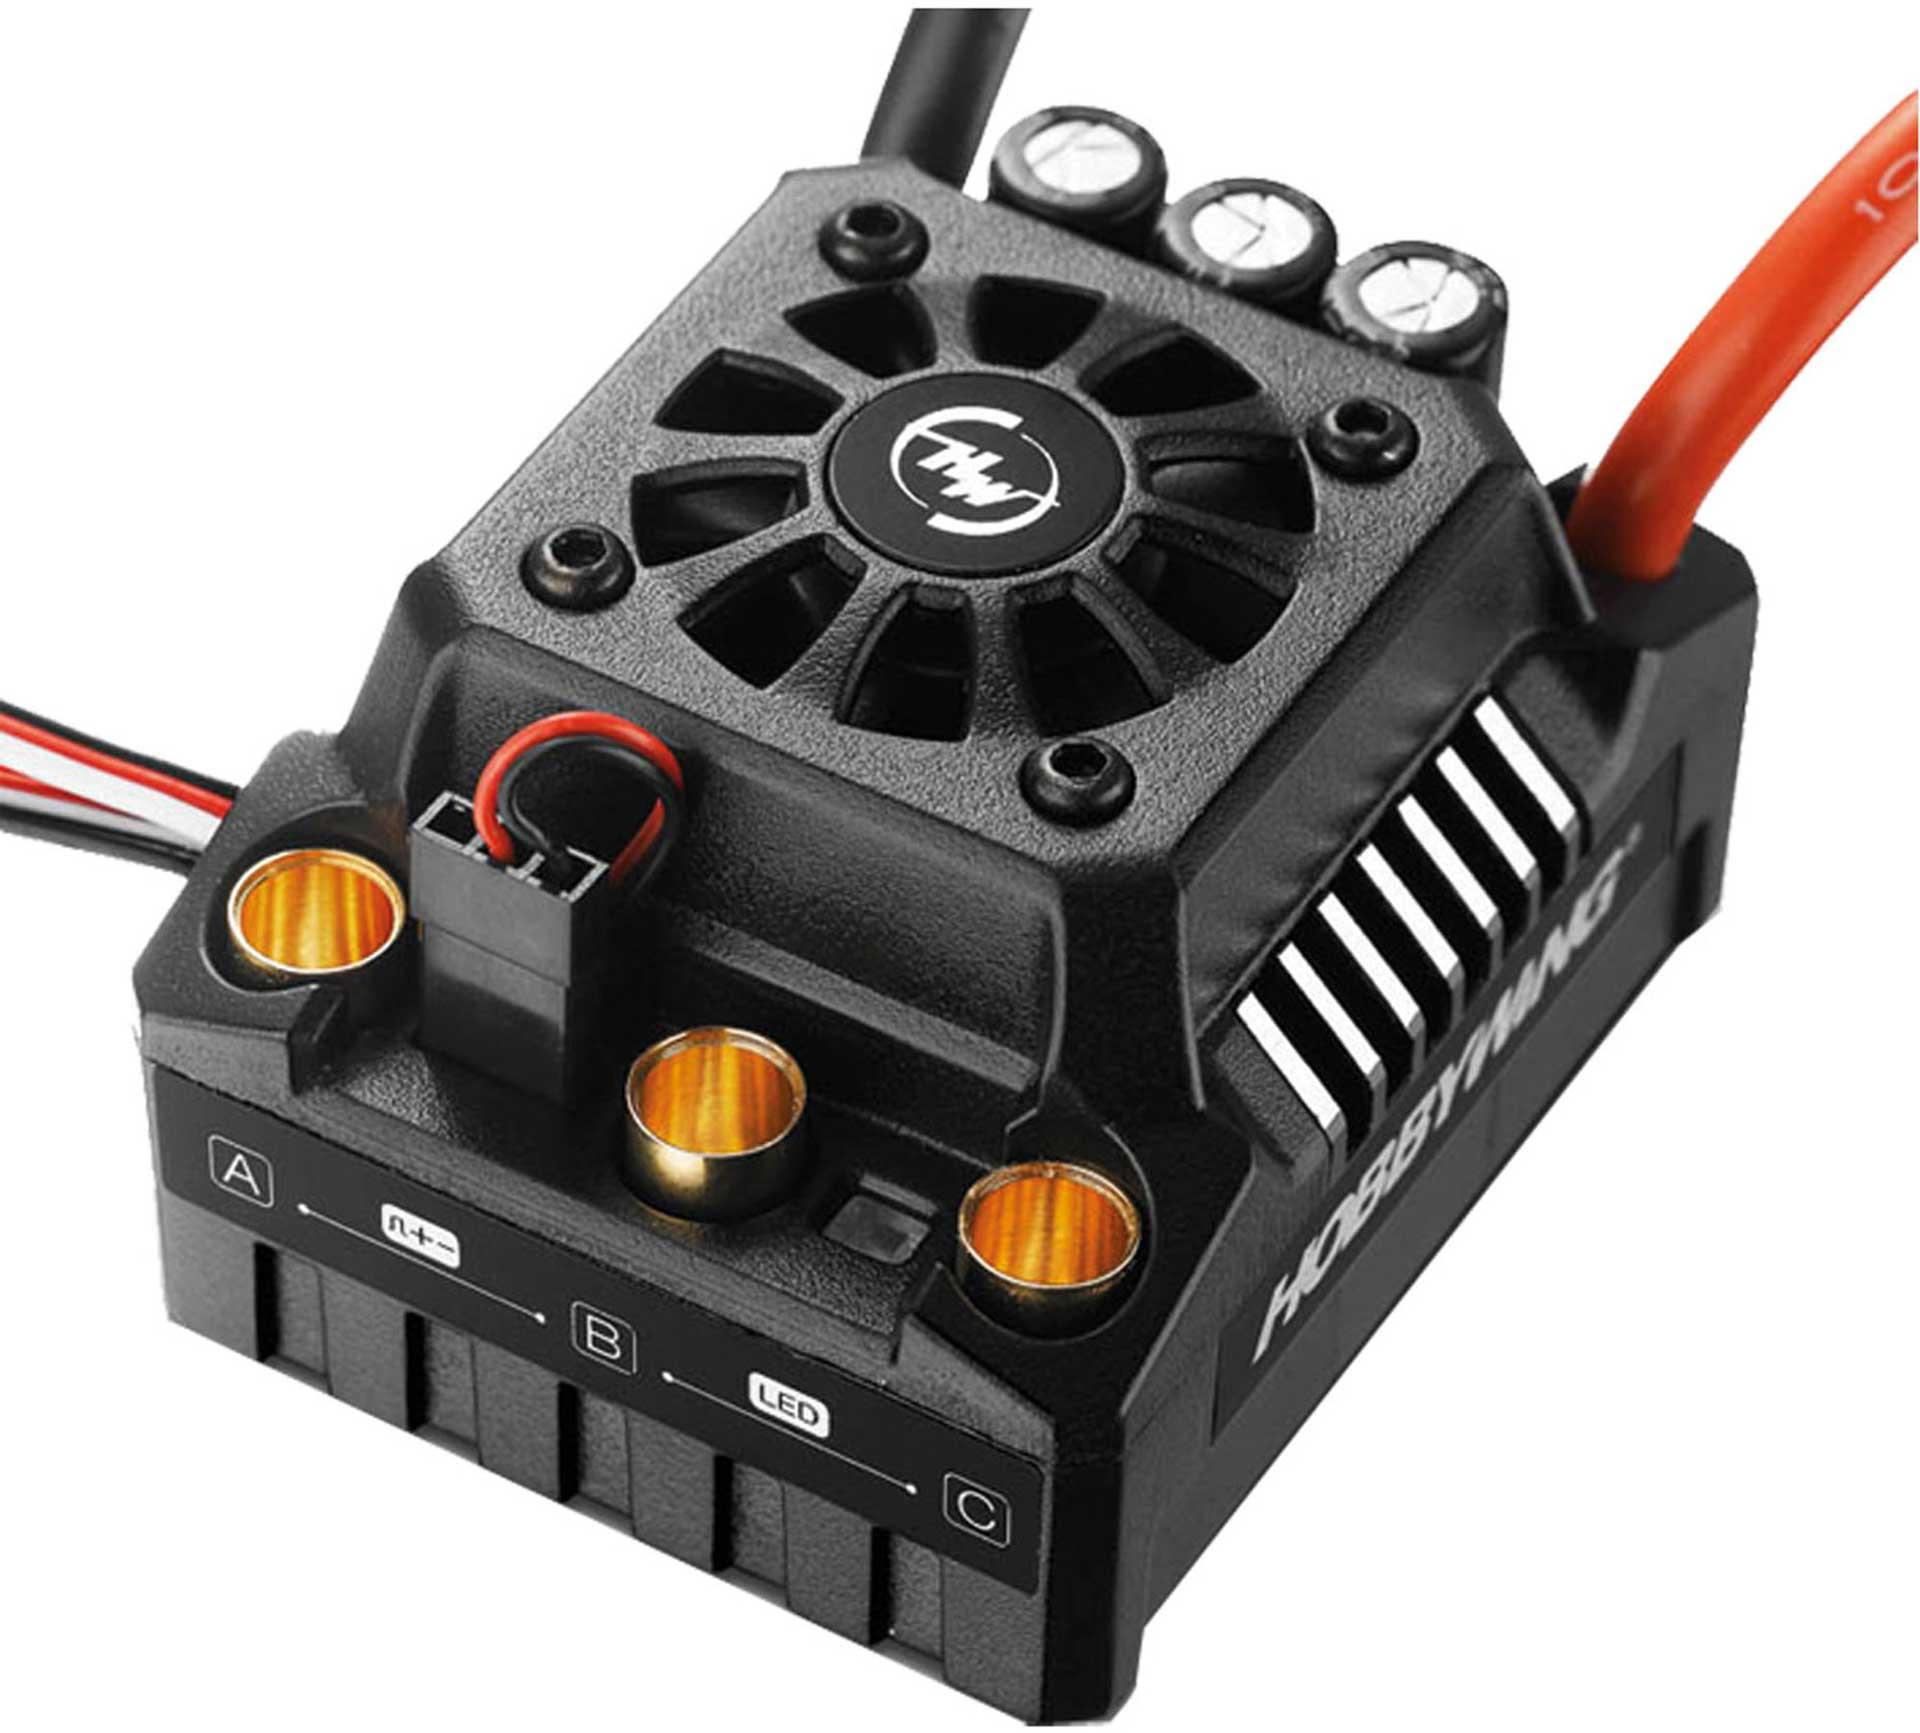 HOBBYWING EZRUN REGLER MAX8 V3 150A BEC 6A 3-6S WP